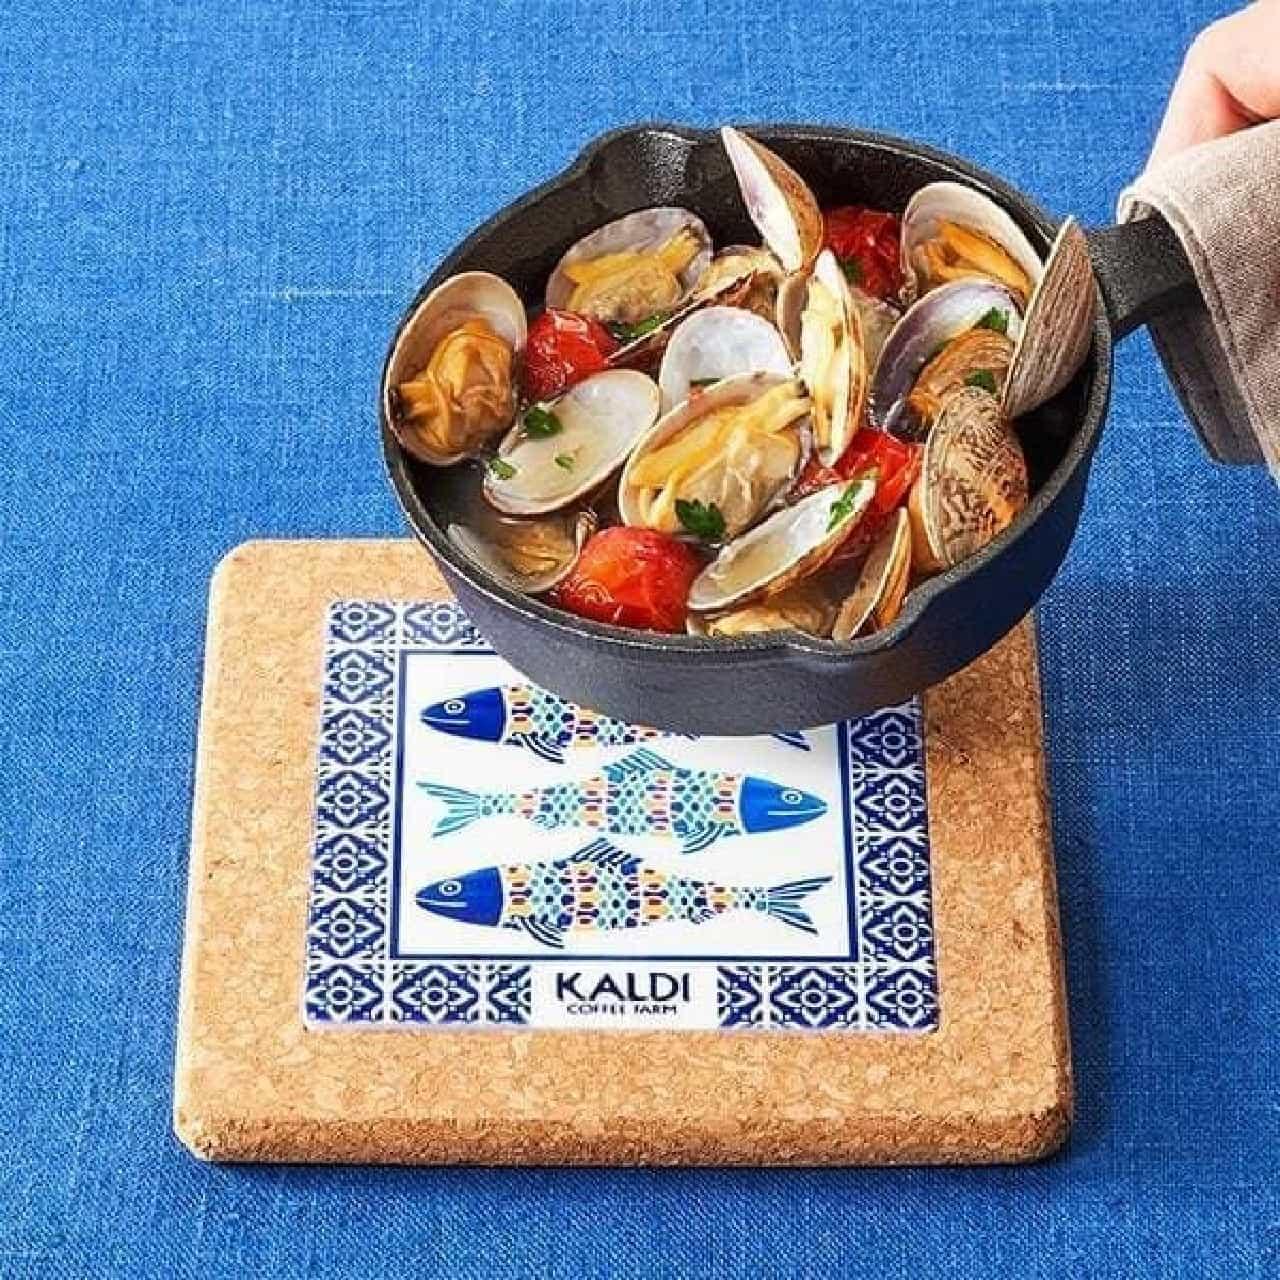 カルディスキレット&コルク鍋敷きをプレゼントするキャンペーン